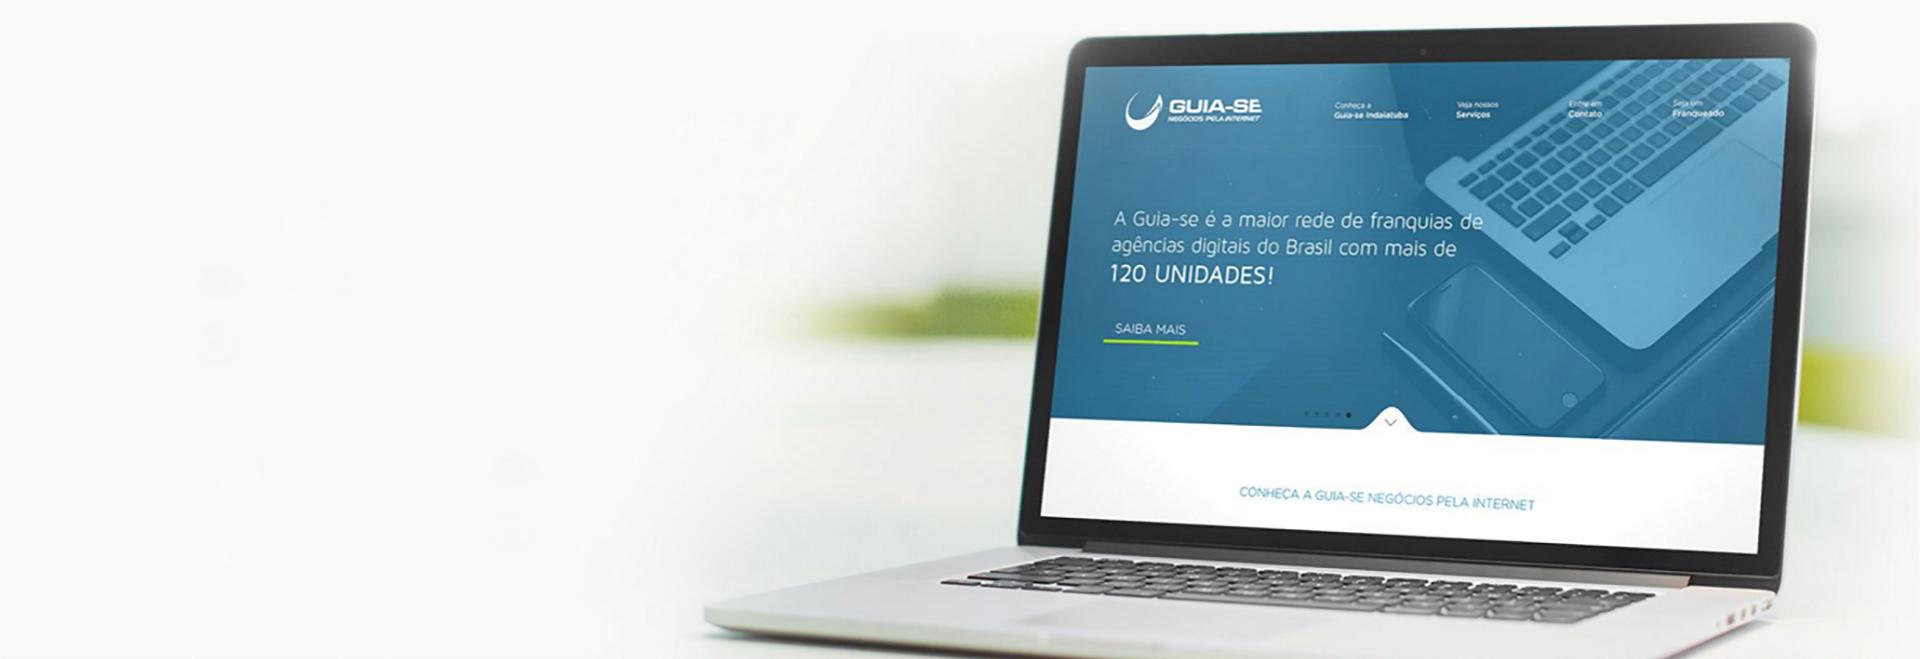 Guia-se Agência de Marketing Digital em Niterói